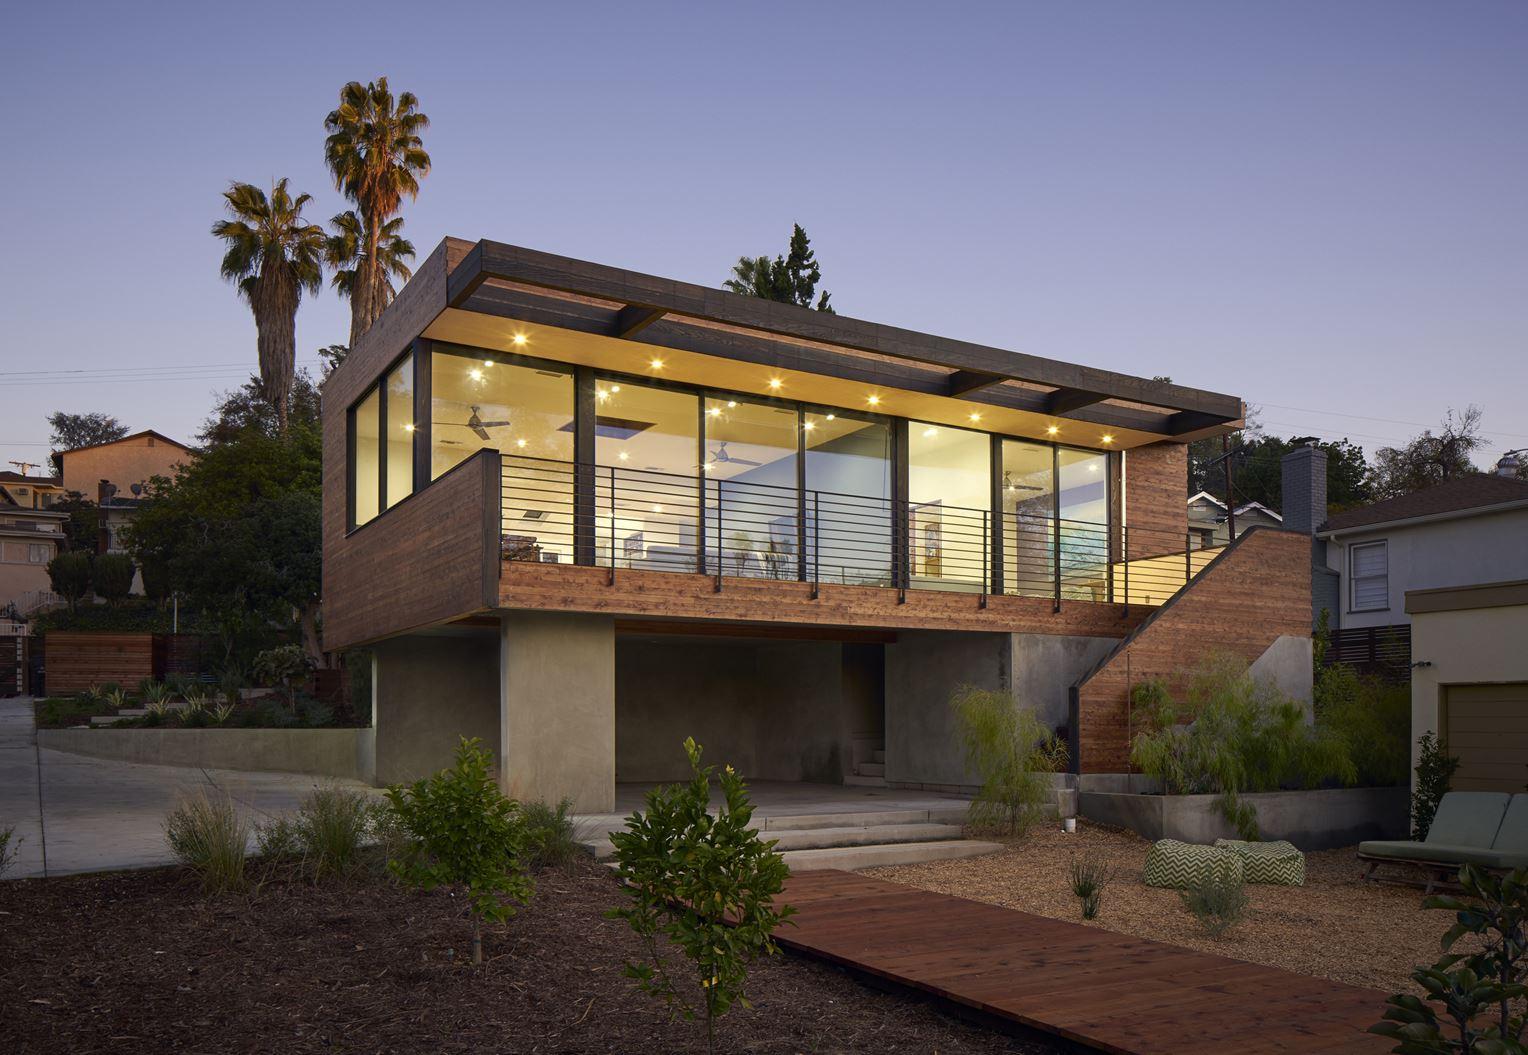 Acquisto prima casa tutte le agevolazioni - Requisiti acquisto prima casa ...